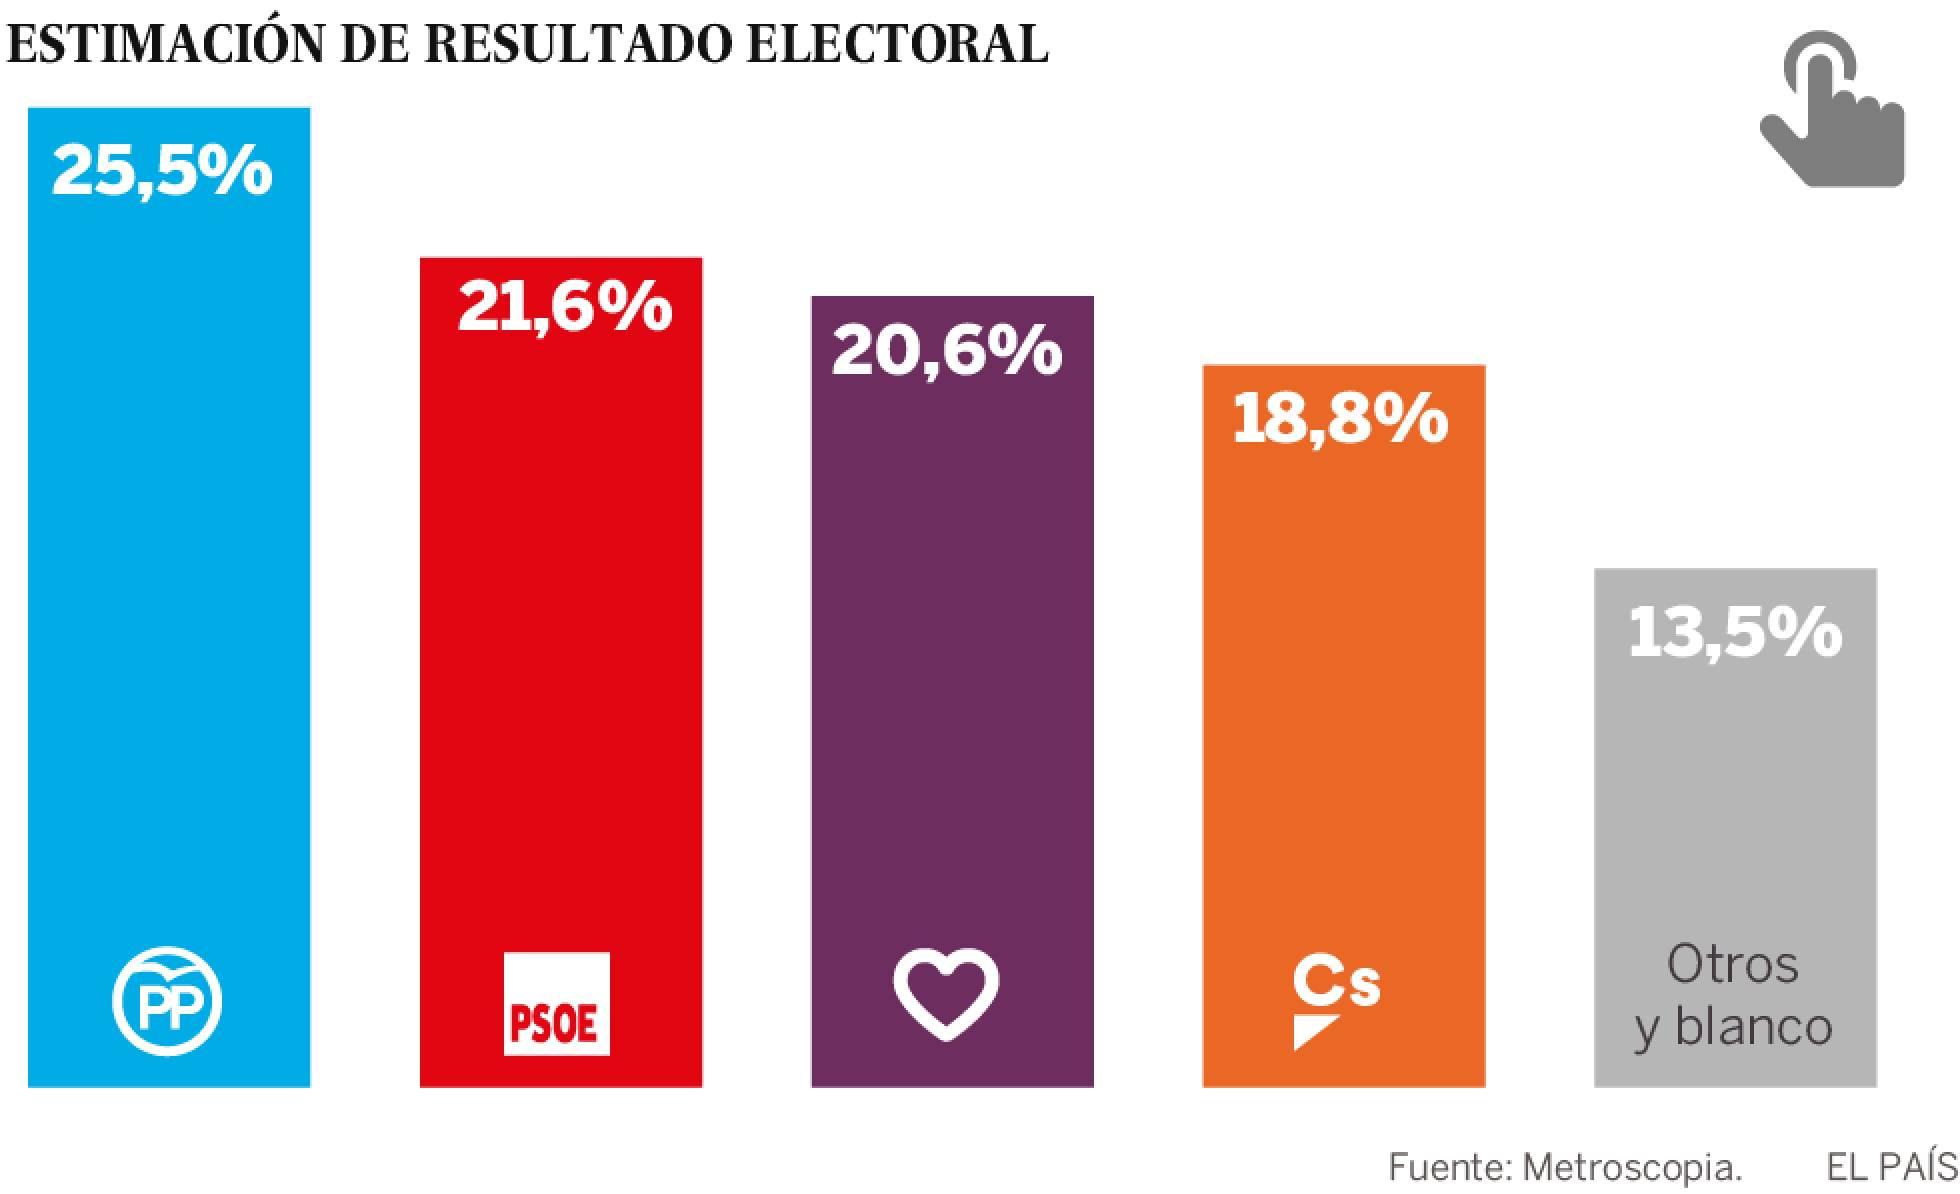 El giro 'rojeras' de Pedro Sánchez no gusta a los votantes españoles